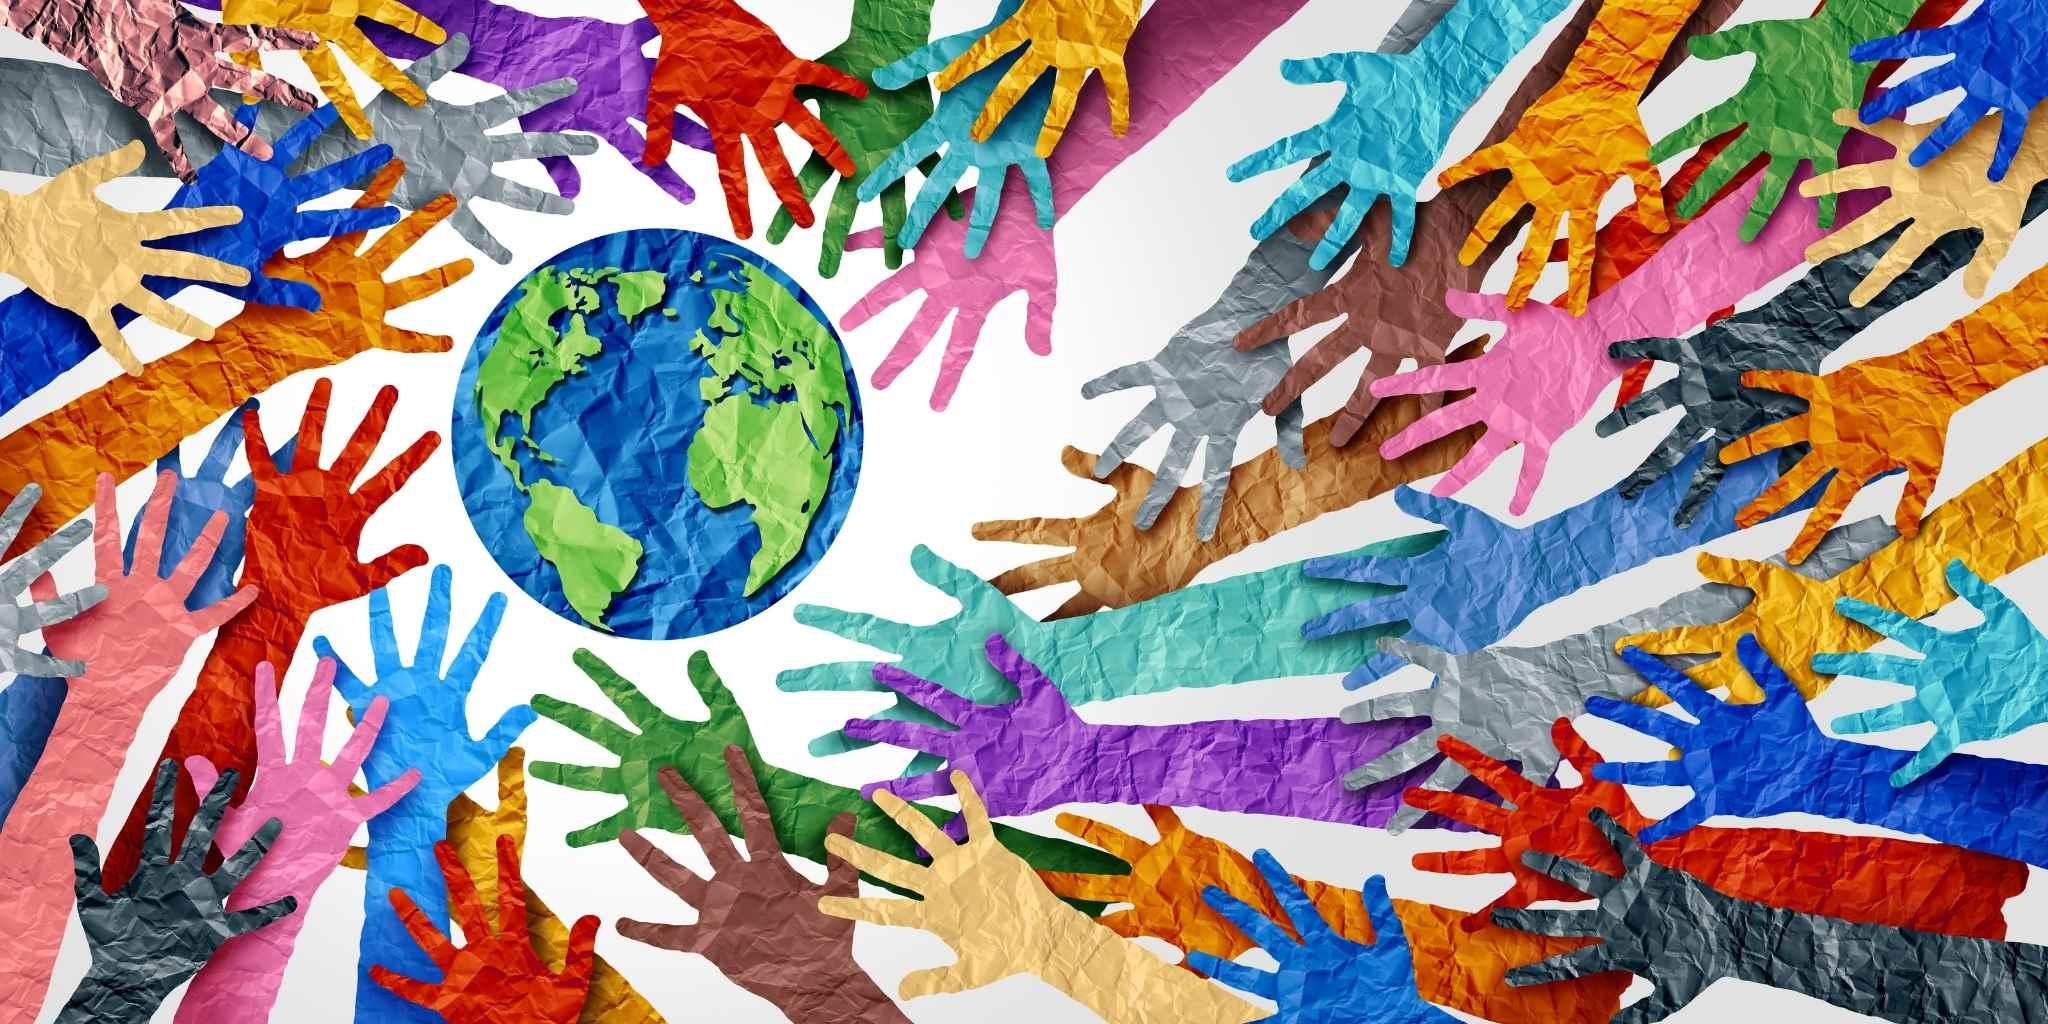 Spiegare la diversità ai bambini - consigli ed attività